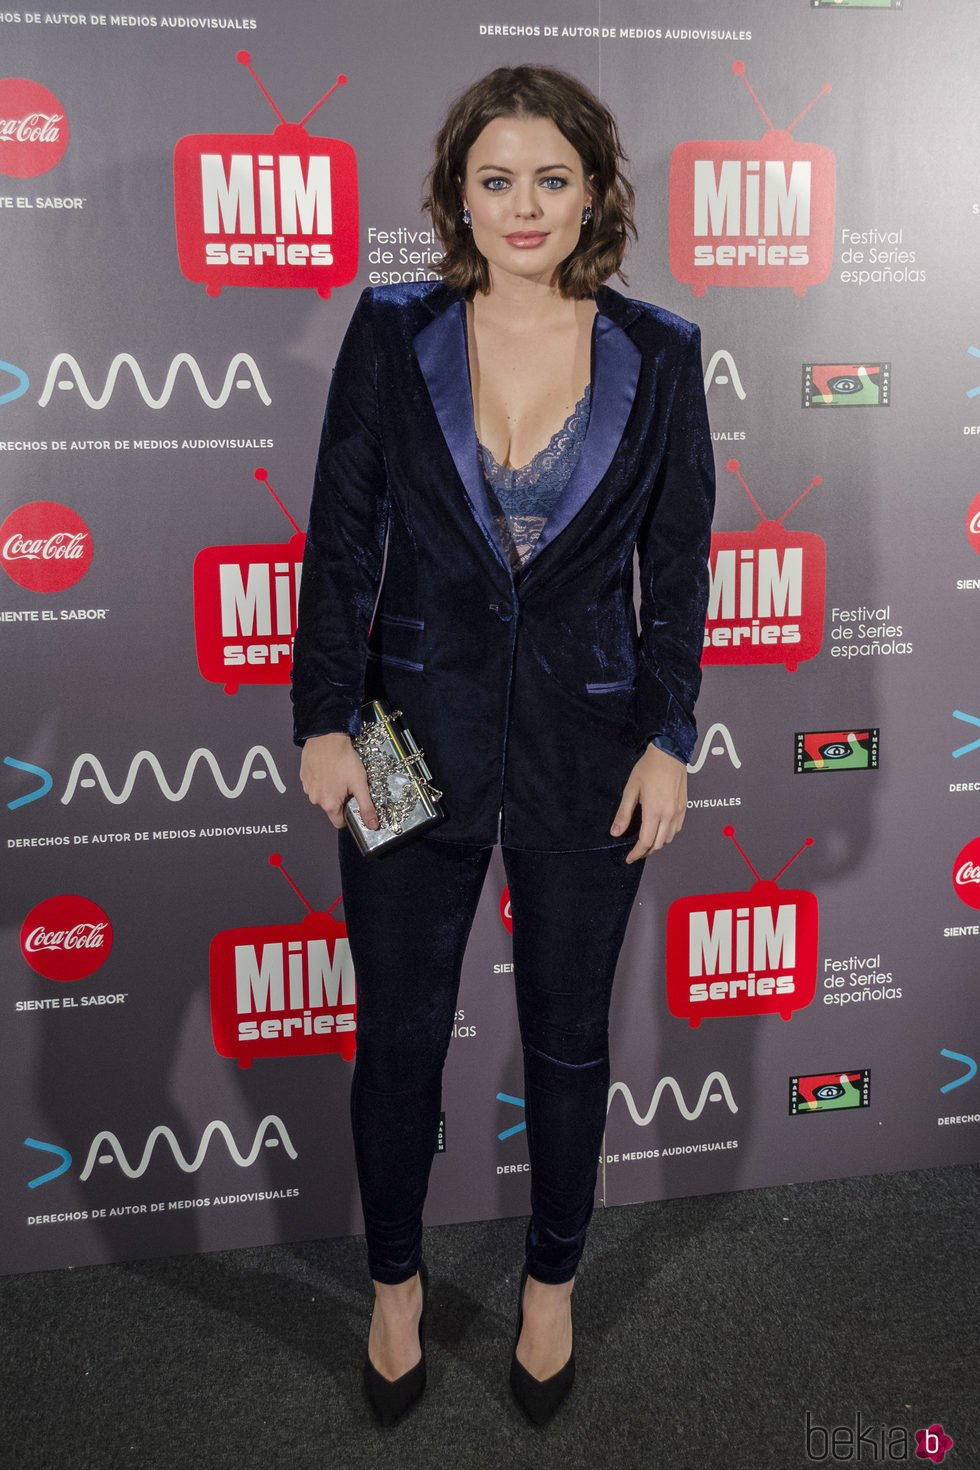 Adriana Torrebejano en los Premios MiM 2016